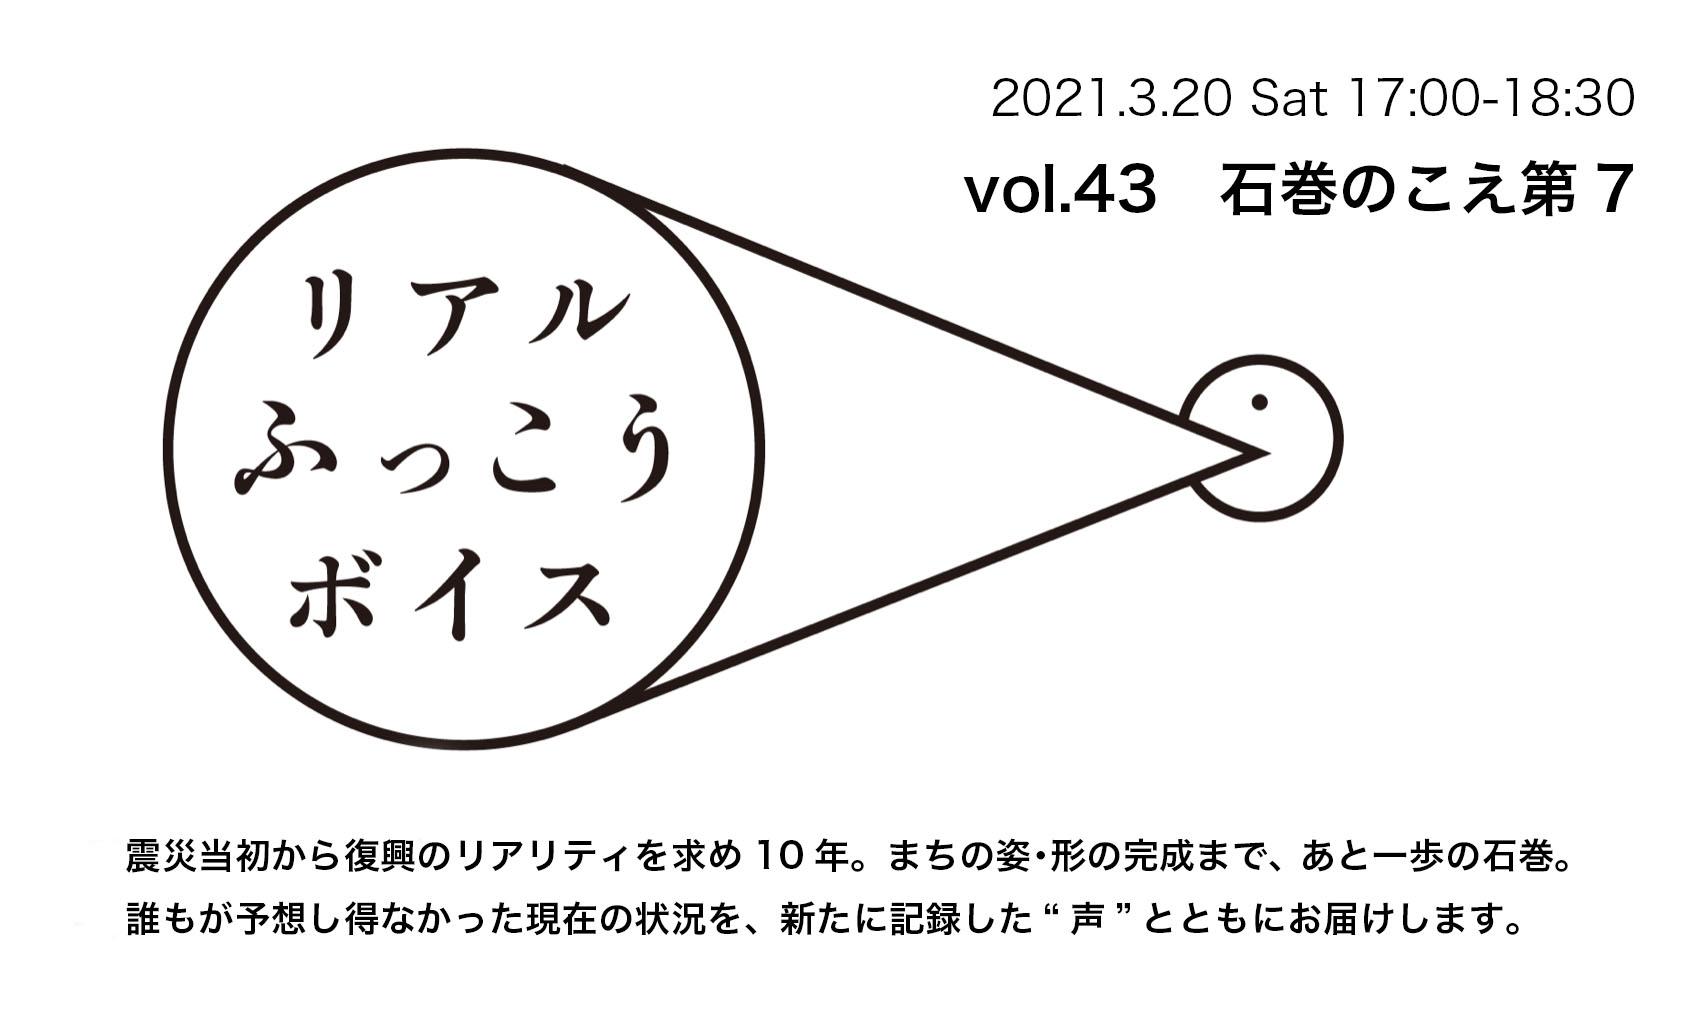 リアルふっこうボイス第43回 〜石巻のこえ 第7〜